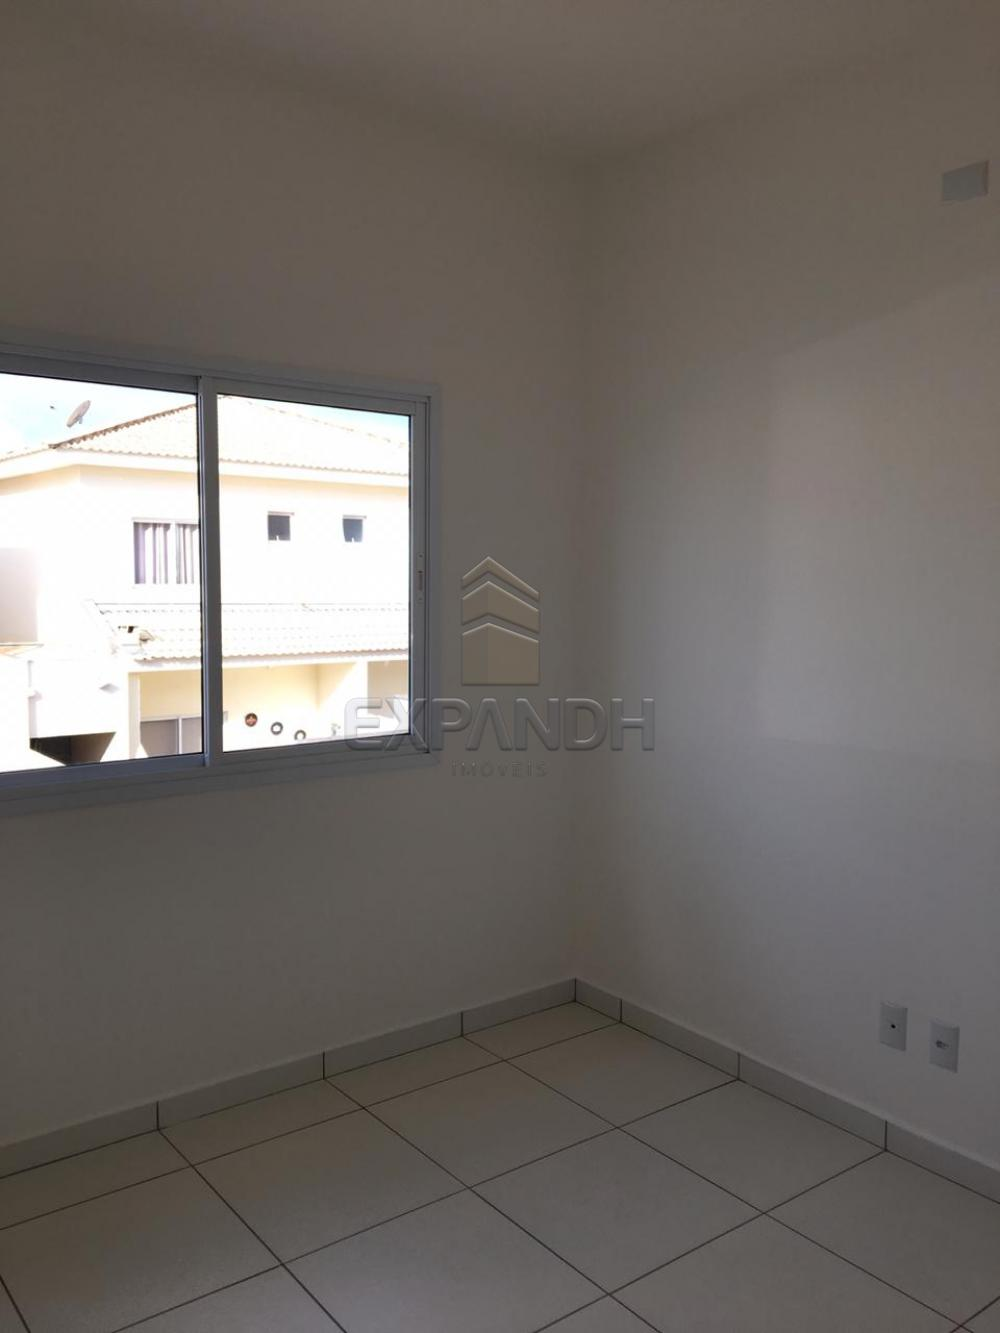 Alugar Casas / Condomínio em Sertãozinho R$ 1.200,00 - Foto 26